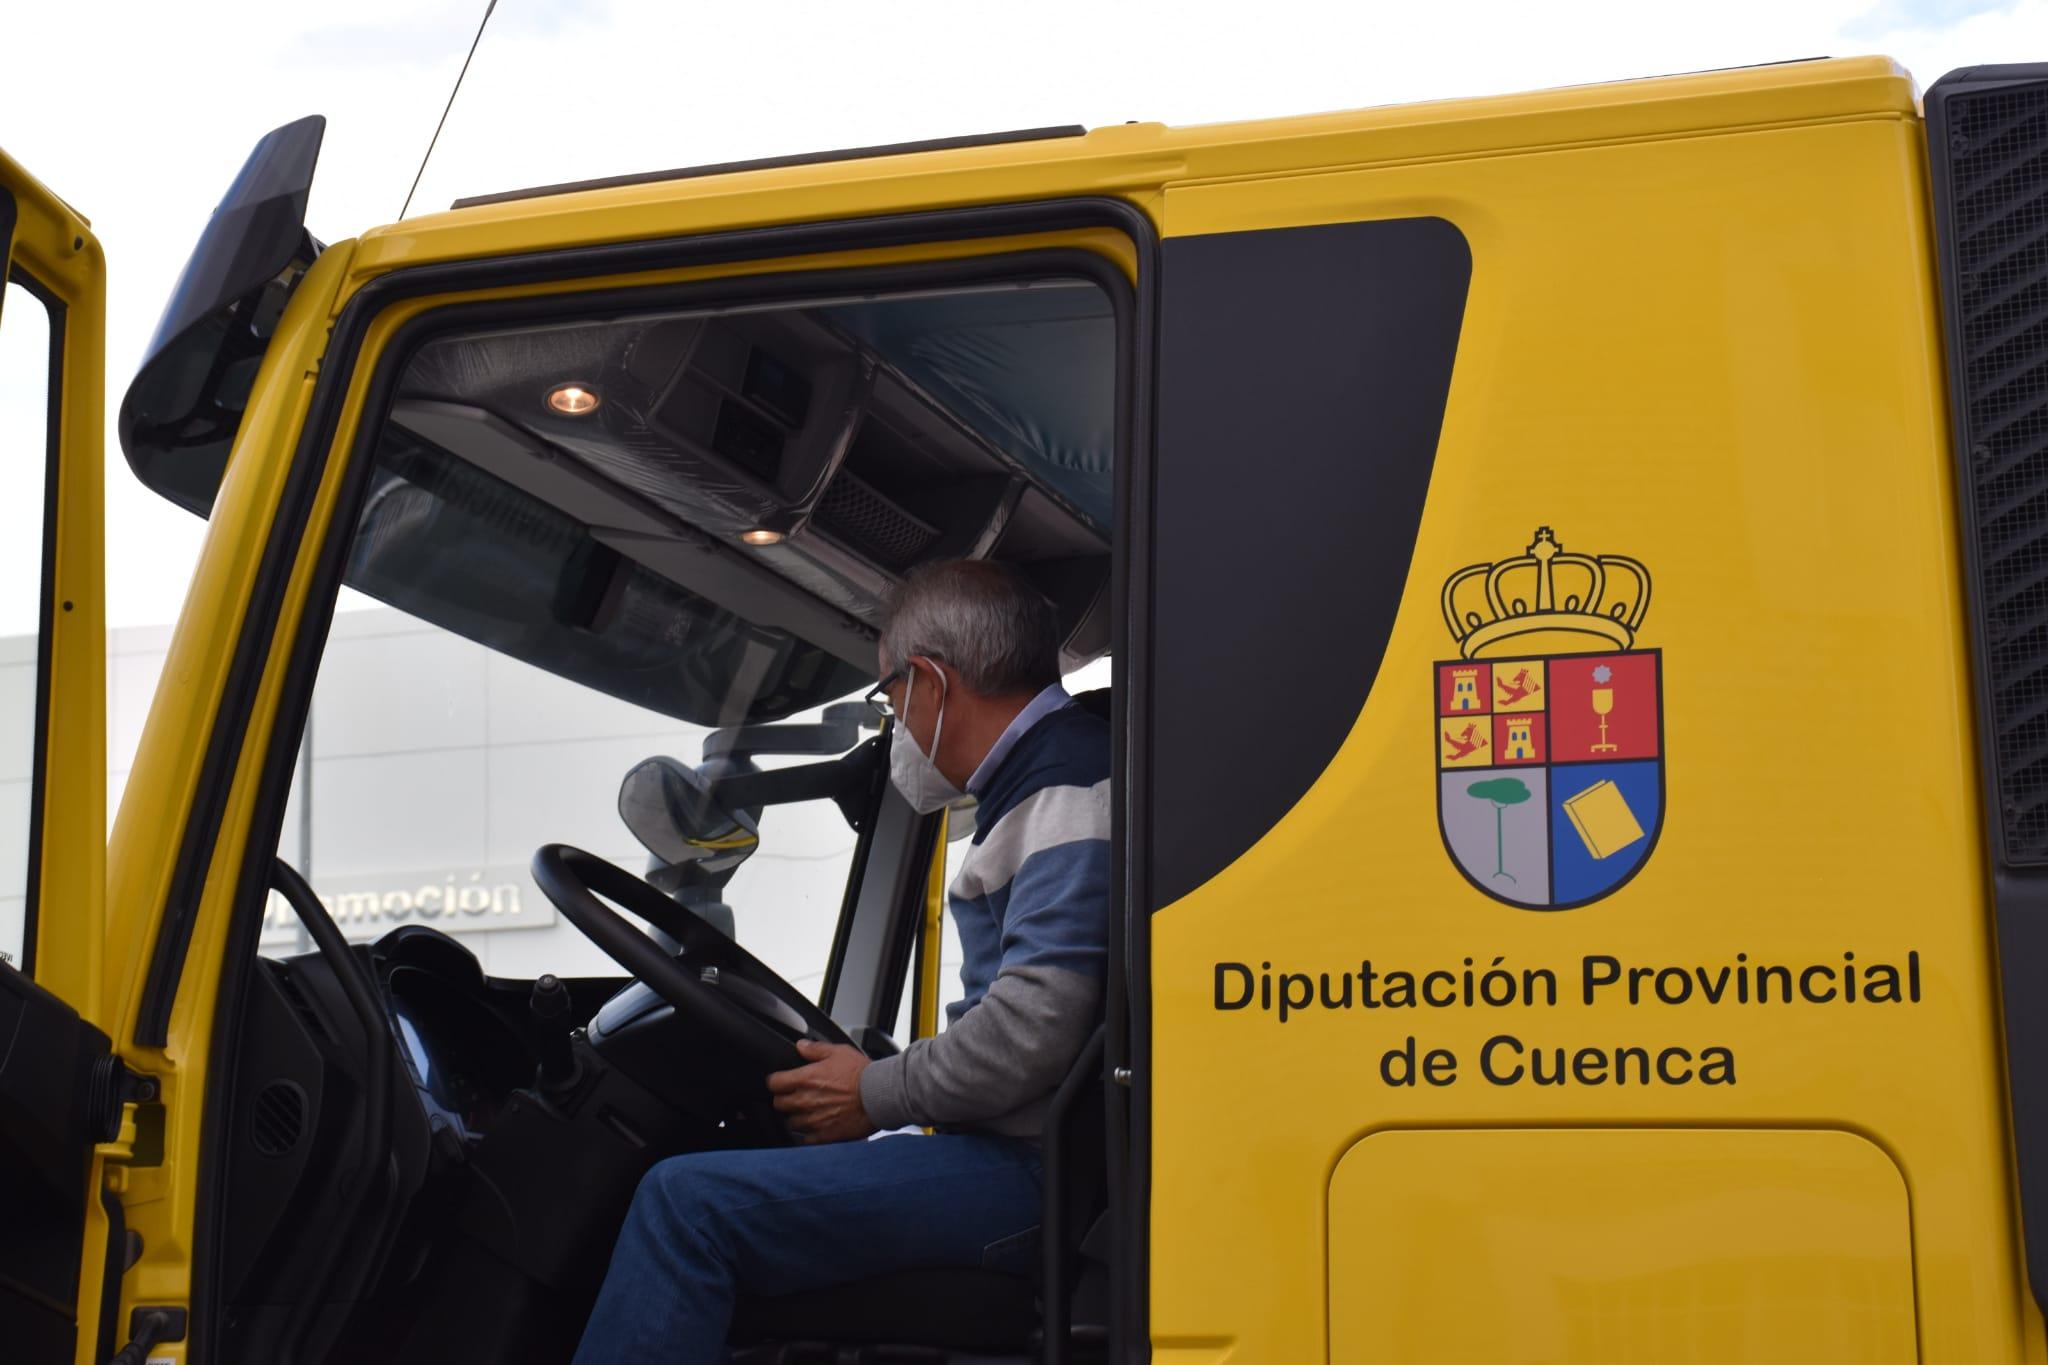 La Diputación invierte 150.000 euros en la adquisición de un camión cisterna para atender las urgencias de los municipios